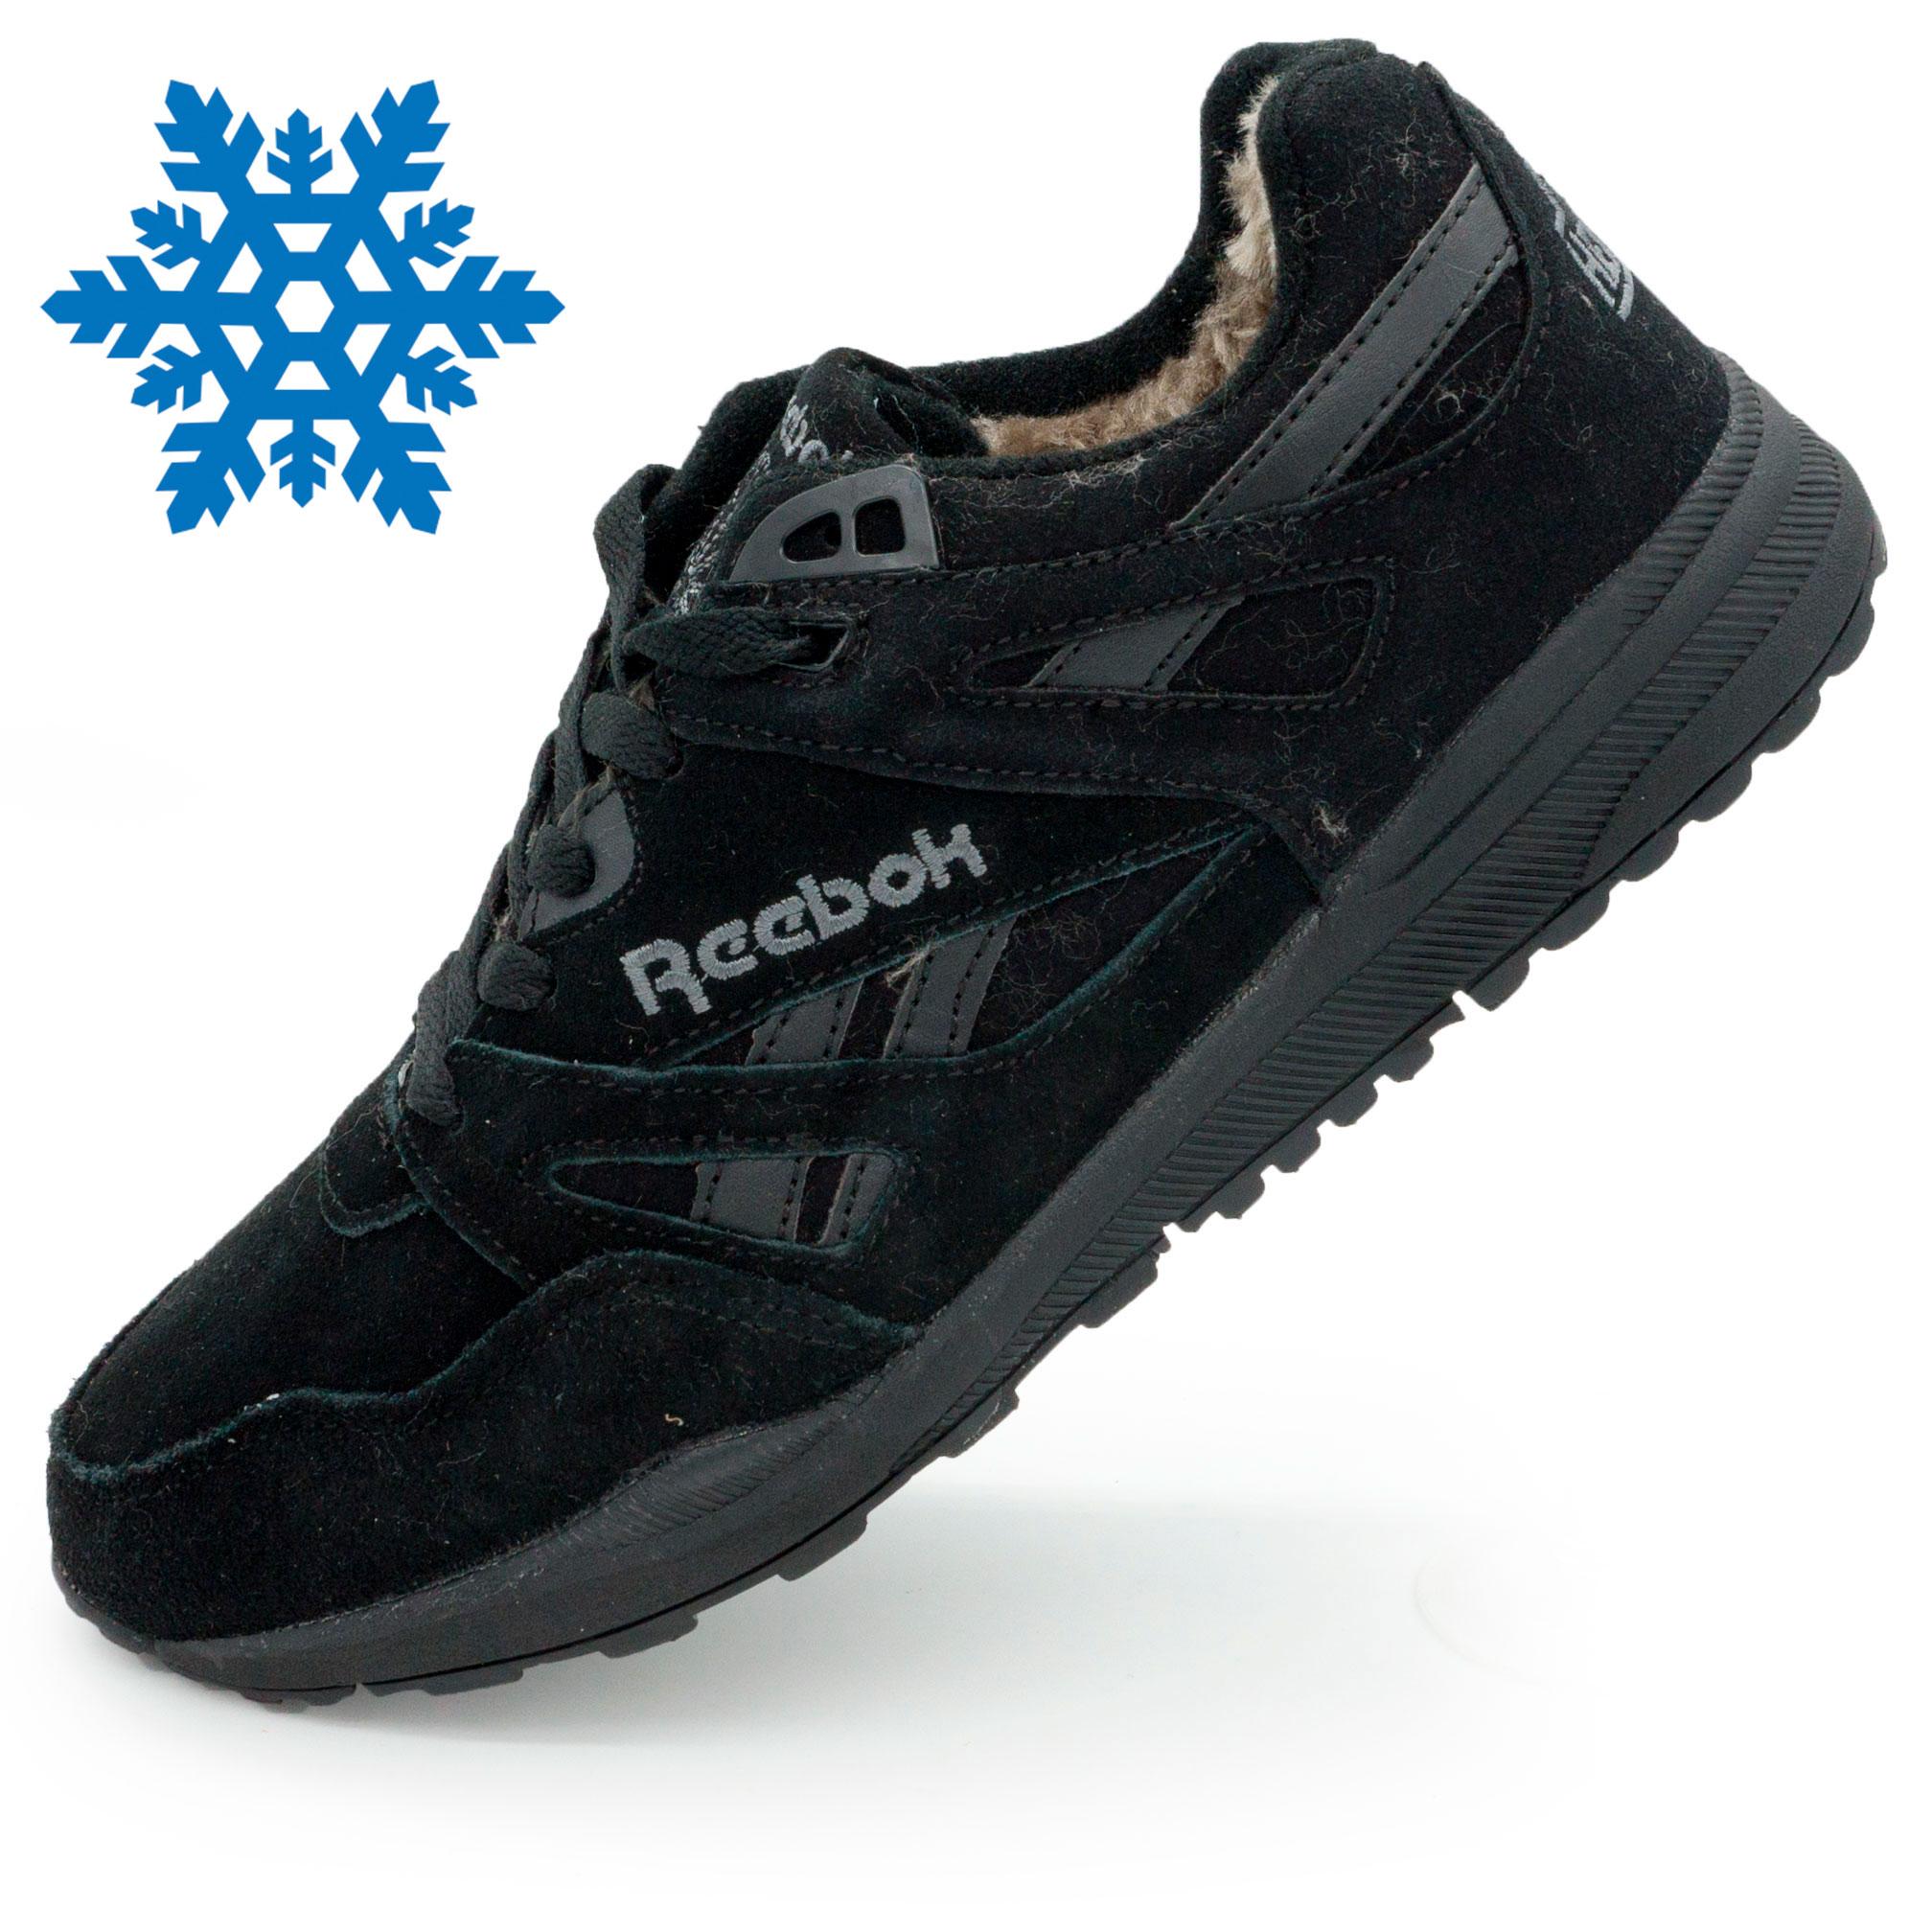 фото main Мужские зимние кроссовки Reebok hexalite полностью черные с мехом  (натуральная замша) main